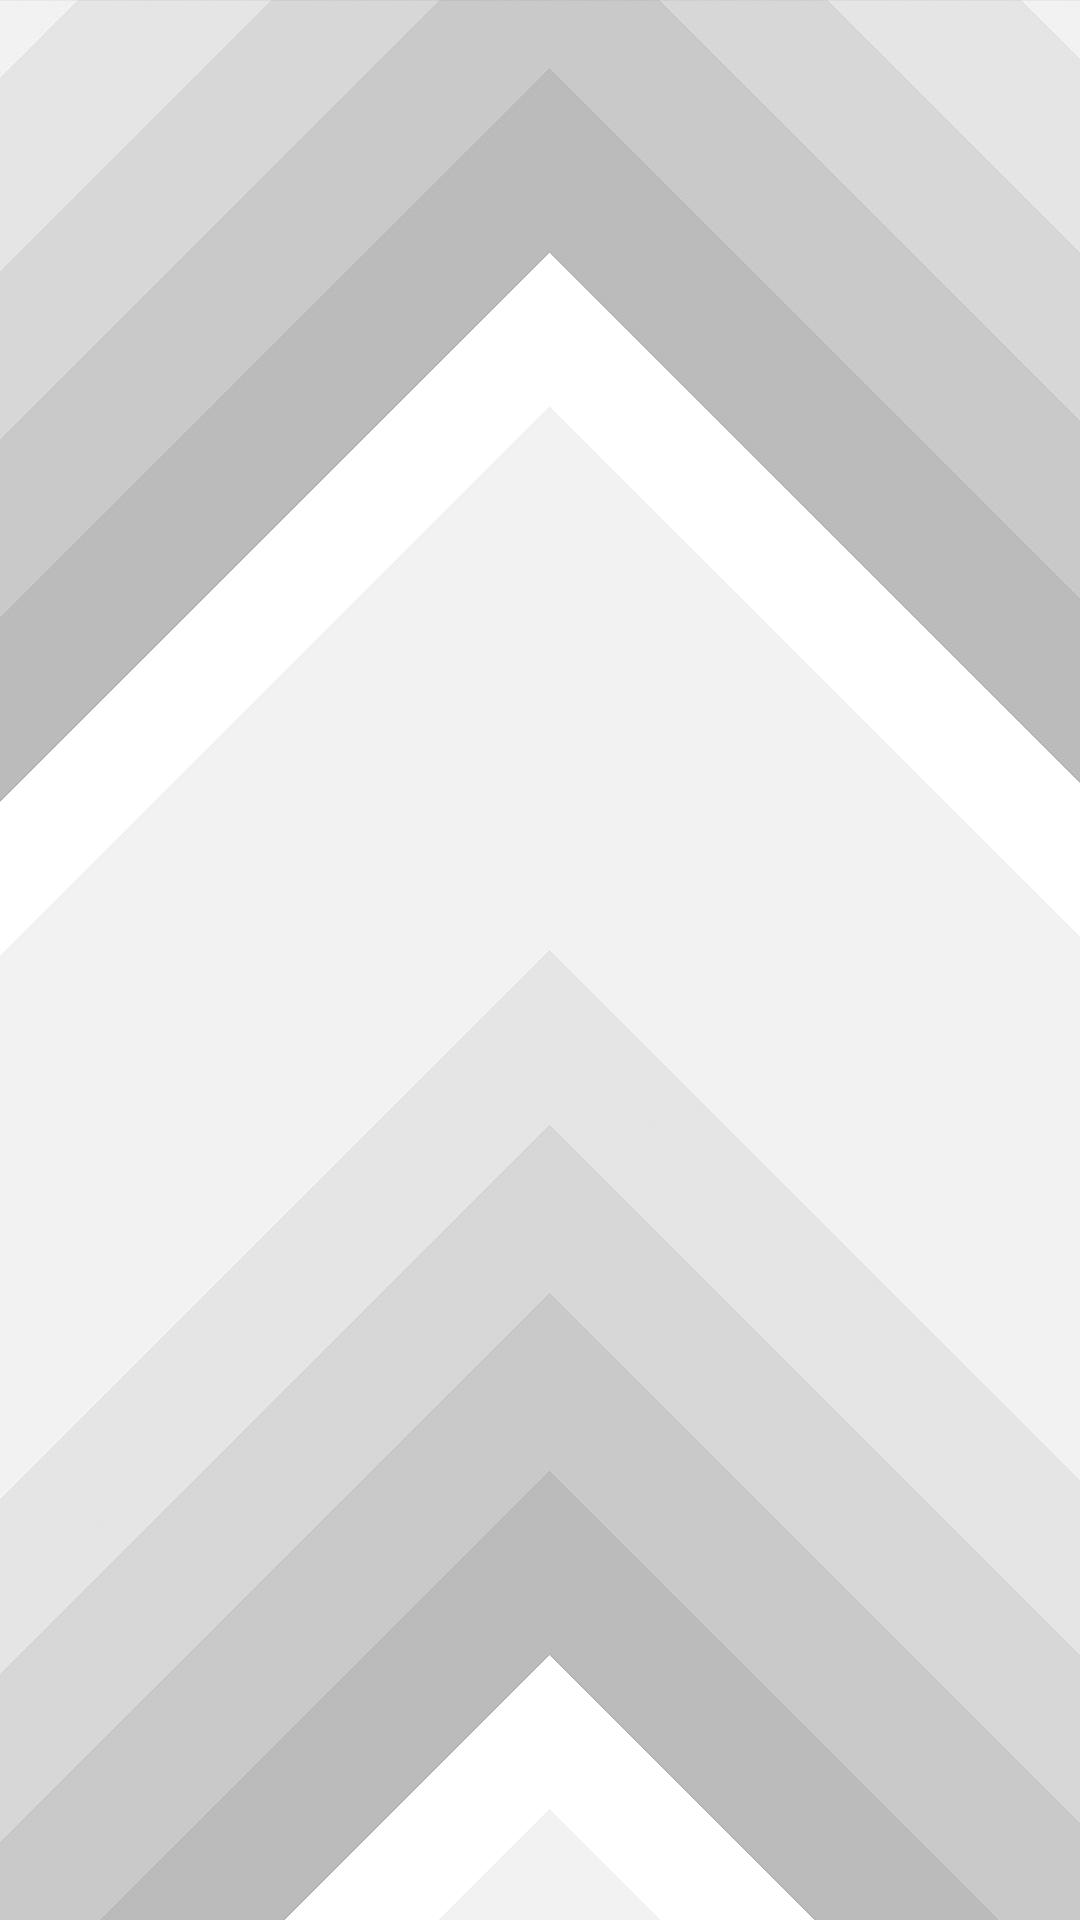 Arrows htc one wallpaper